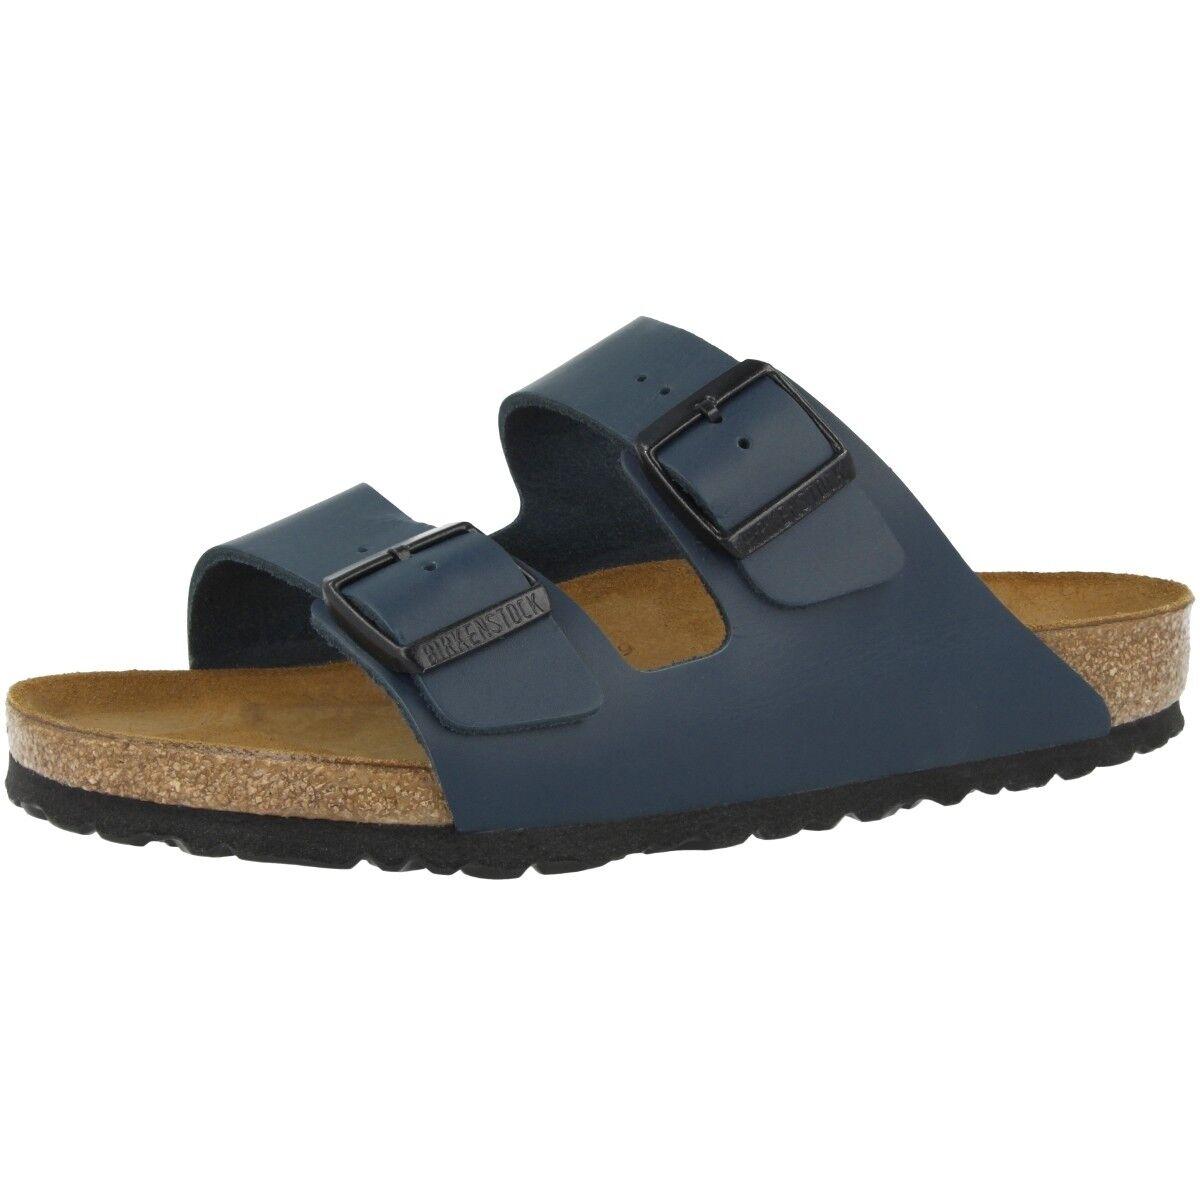 Birkenstock Arizona Glattleder Weite Schuhe Blau 051151 Sandalen Weite Glattleder normal Boogie 4984dd